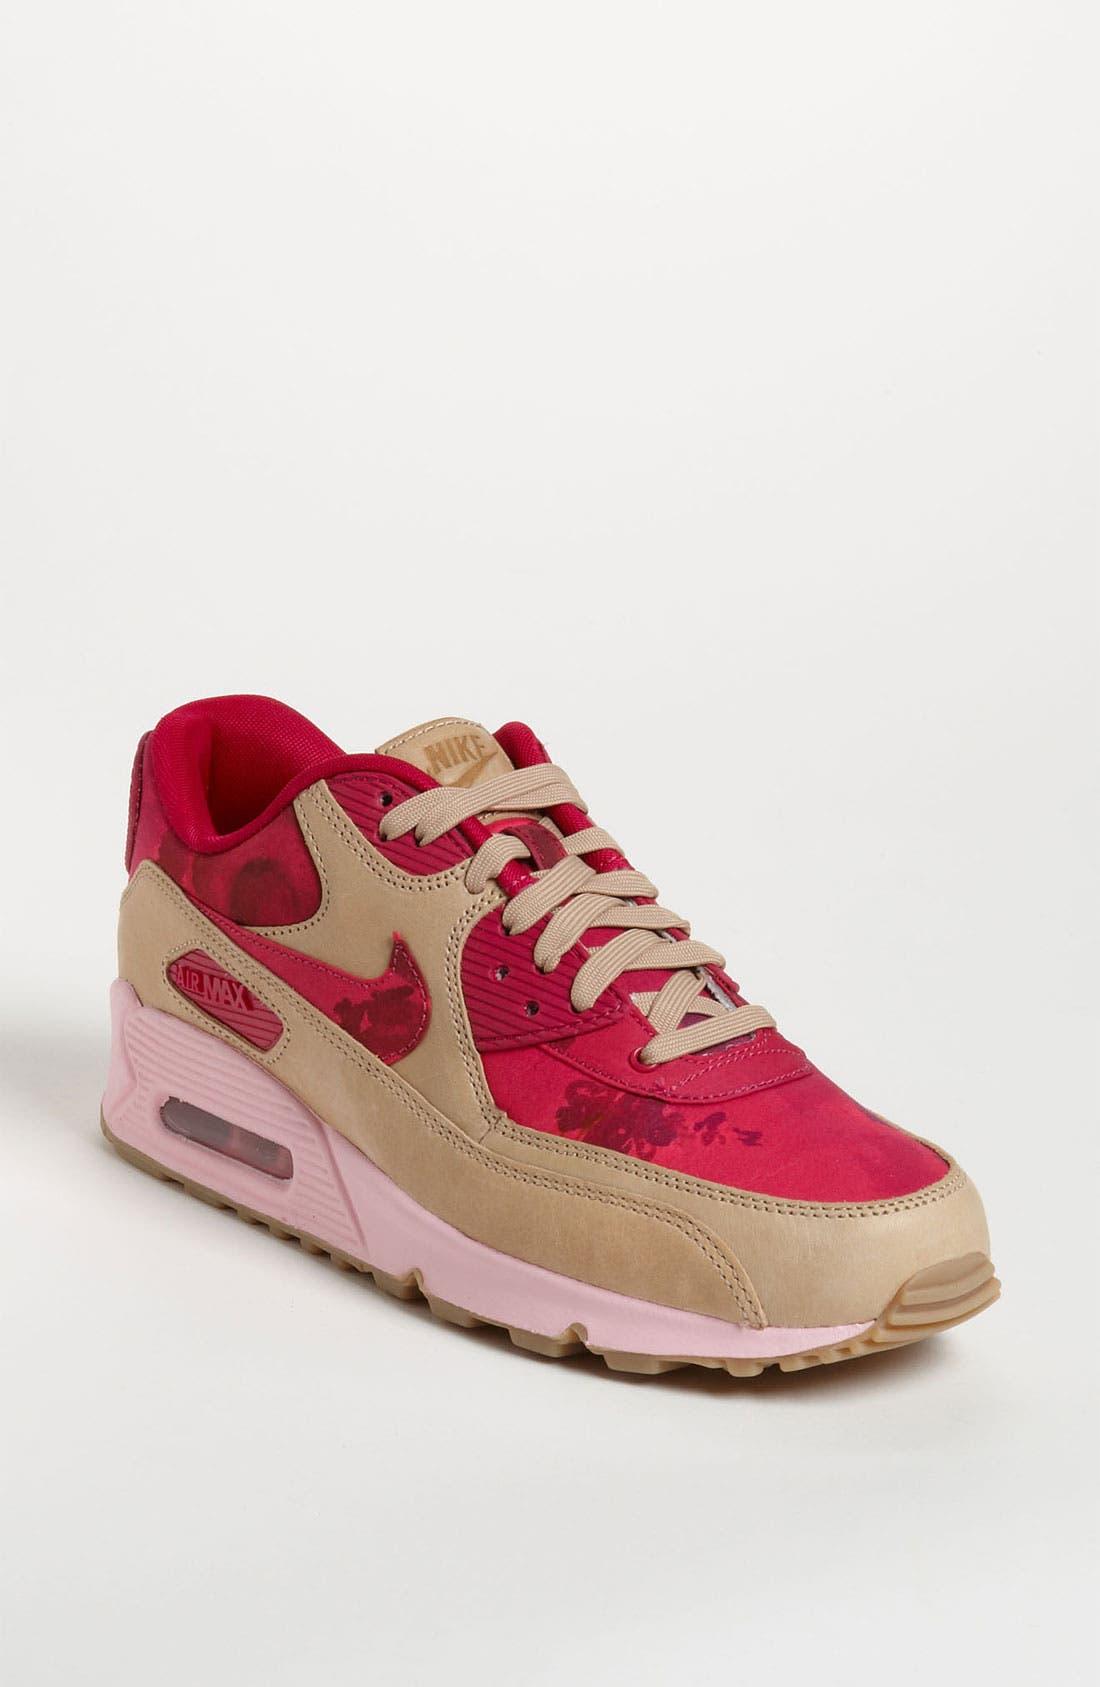 Alternate Image 1 Selected - Nike 'Air Max 90 - Liberty' Sneaker (Women)